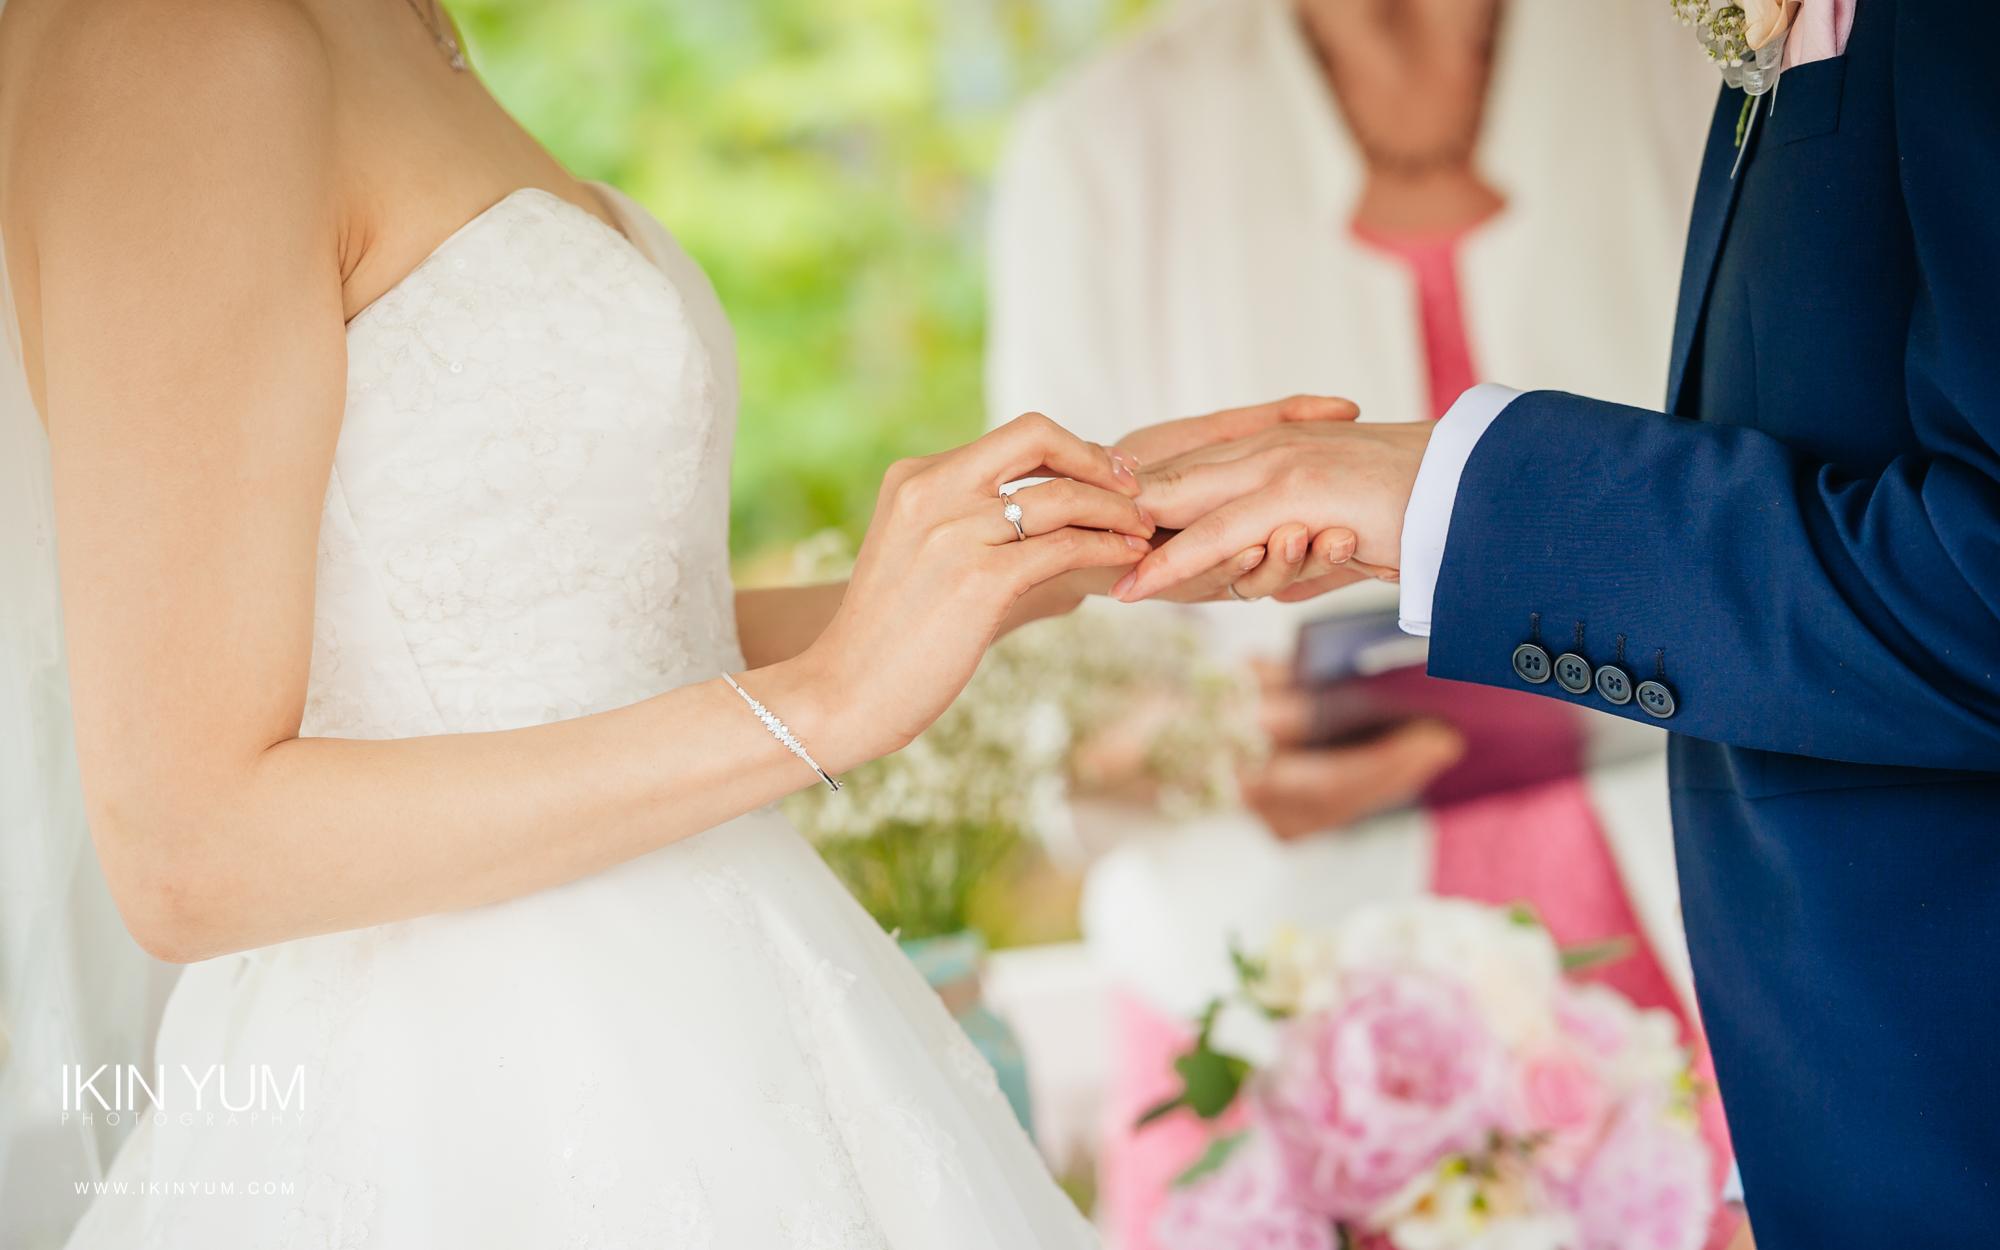 Sylvianne & Chun Wedding Day - Ikin Yum Photography-081.jpg